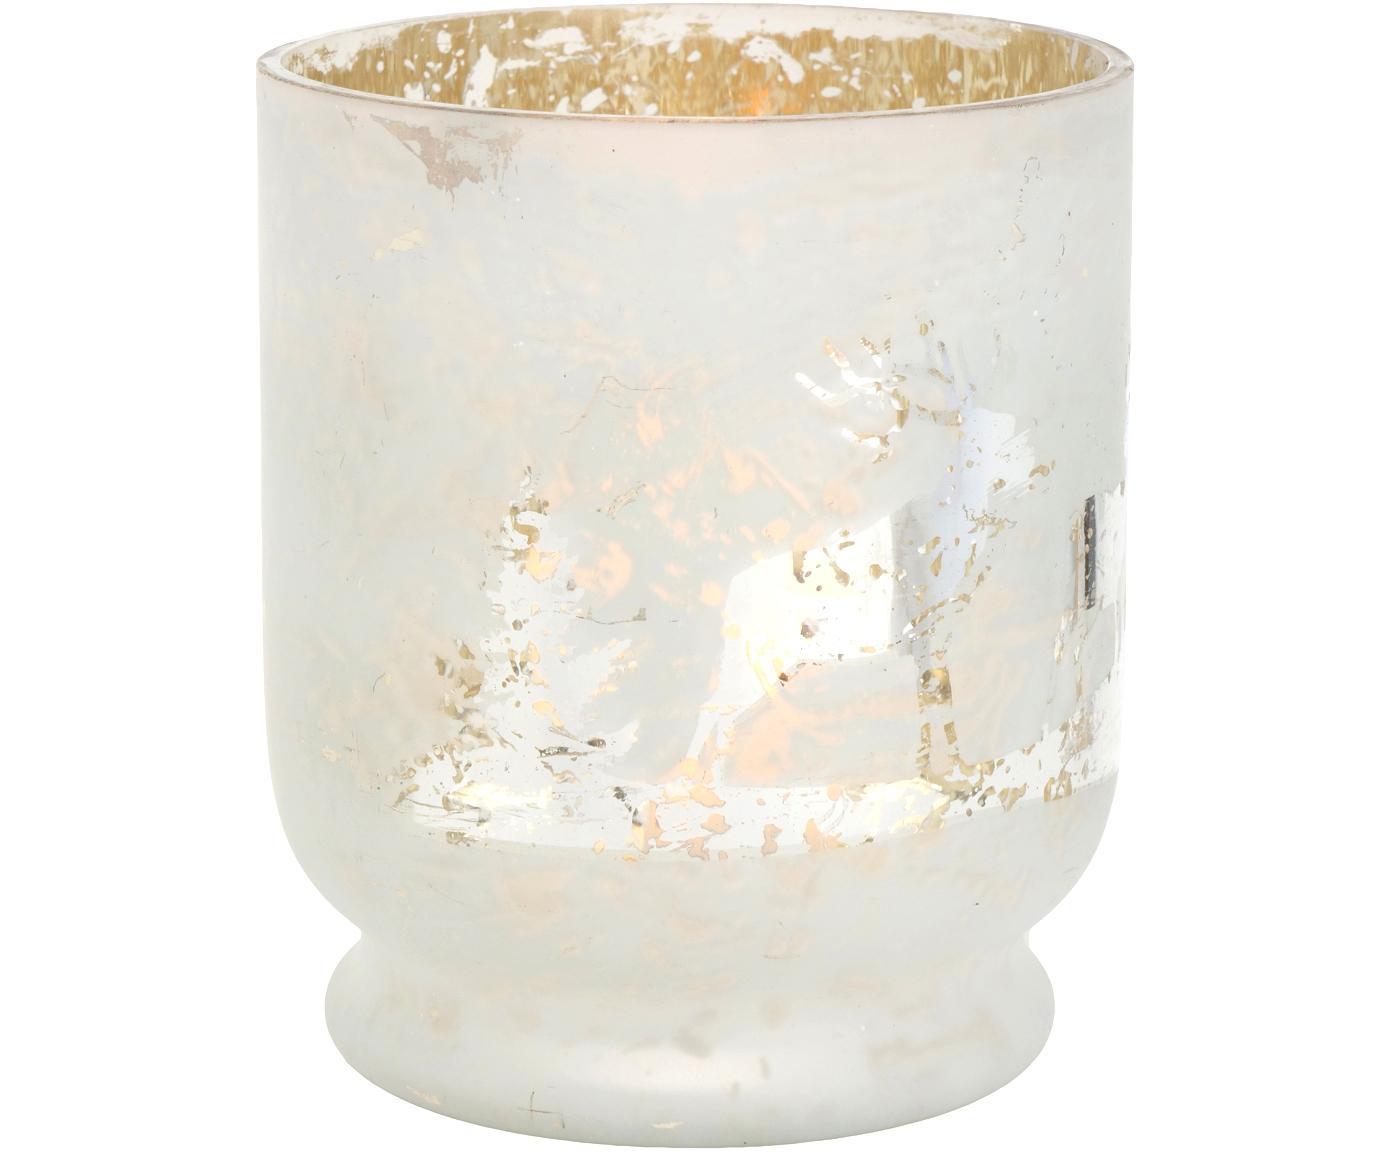 Windlicht Bonaparte, Glas, lackiert, Weiss, Silberfarben, Ø 13 x H 15 cm